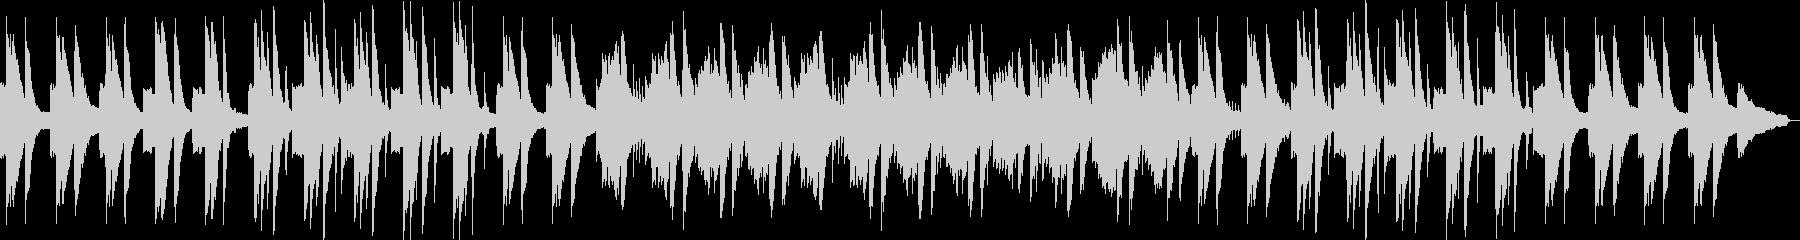 スローで荘厳なピアノソロ曲の未再生の波形